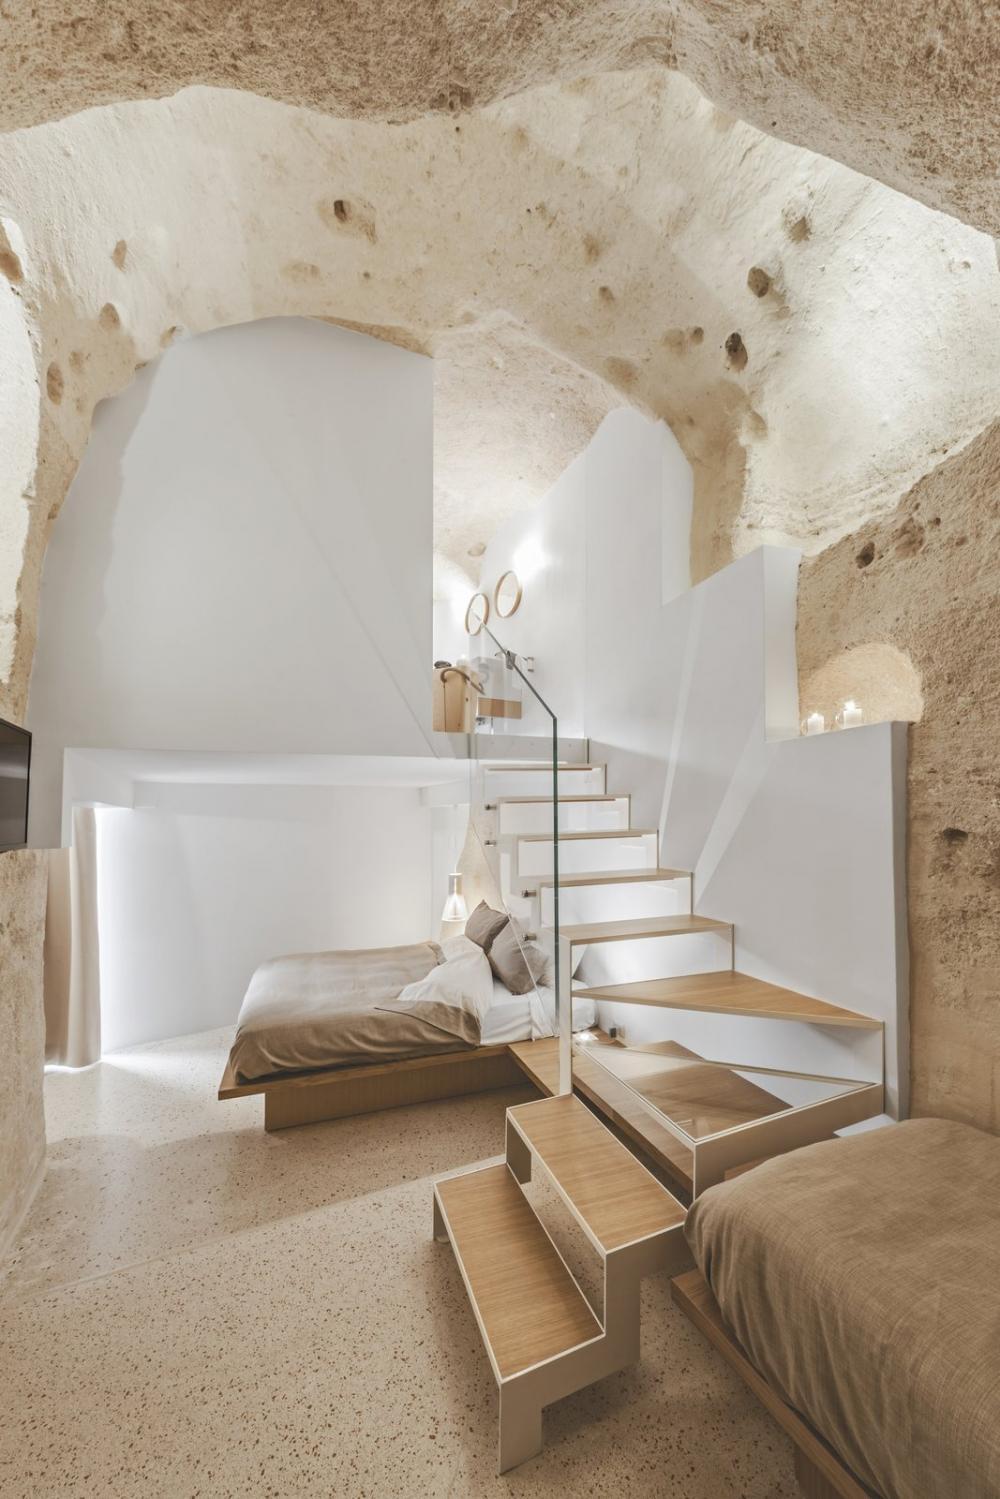 Các phòng ngủ có trần cao 15 feet, vẫn giữ nguyên nét kiến trúc của hang động